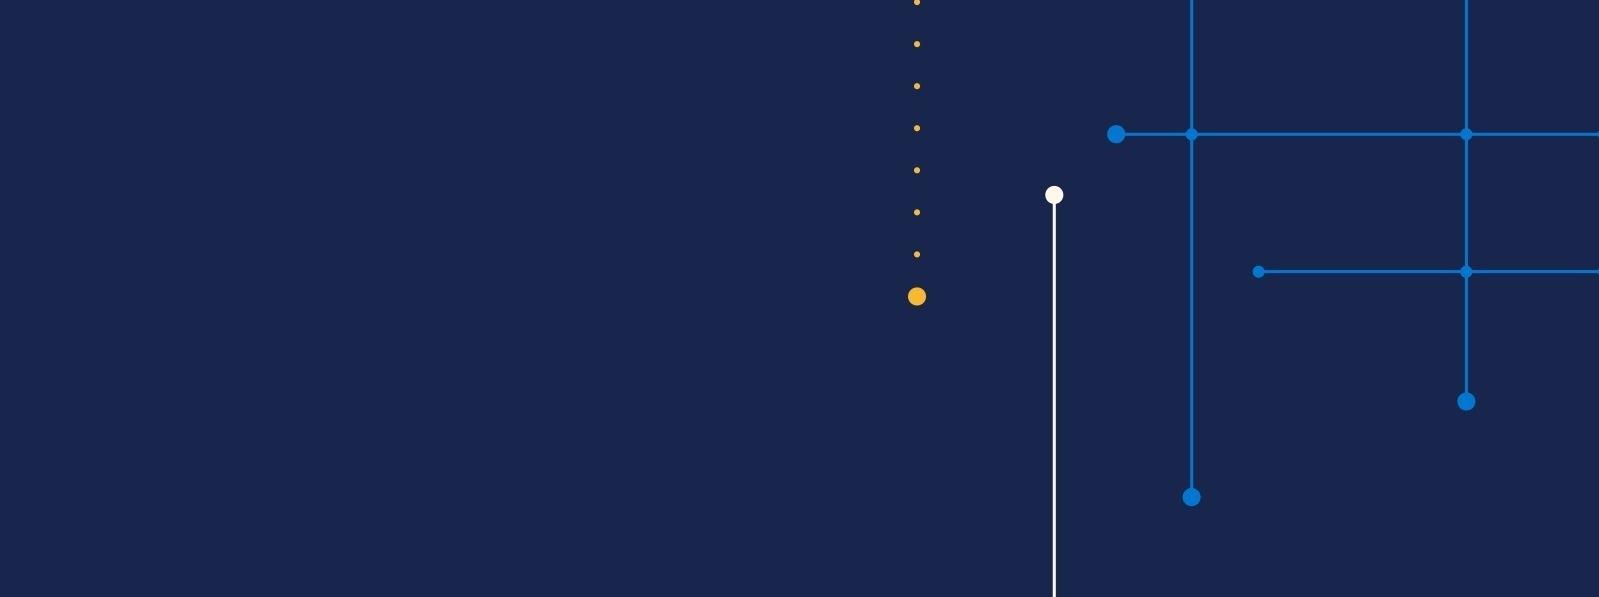 Weiße, blaue und gelbe Linien und Punkte auf dunkelblauem Hintergrund